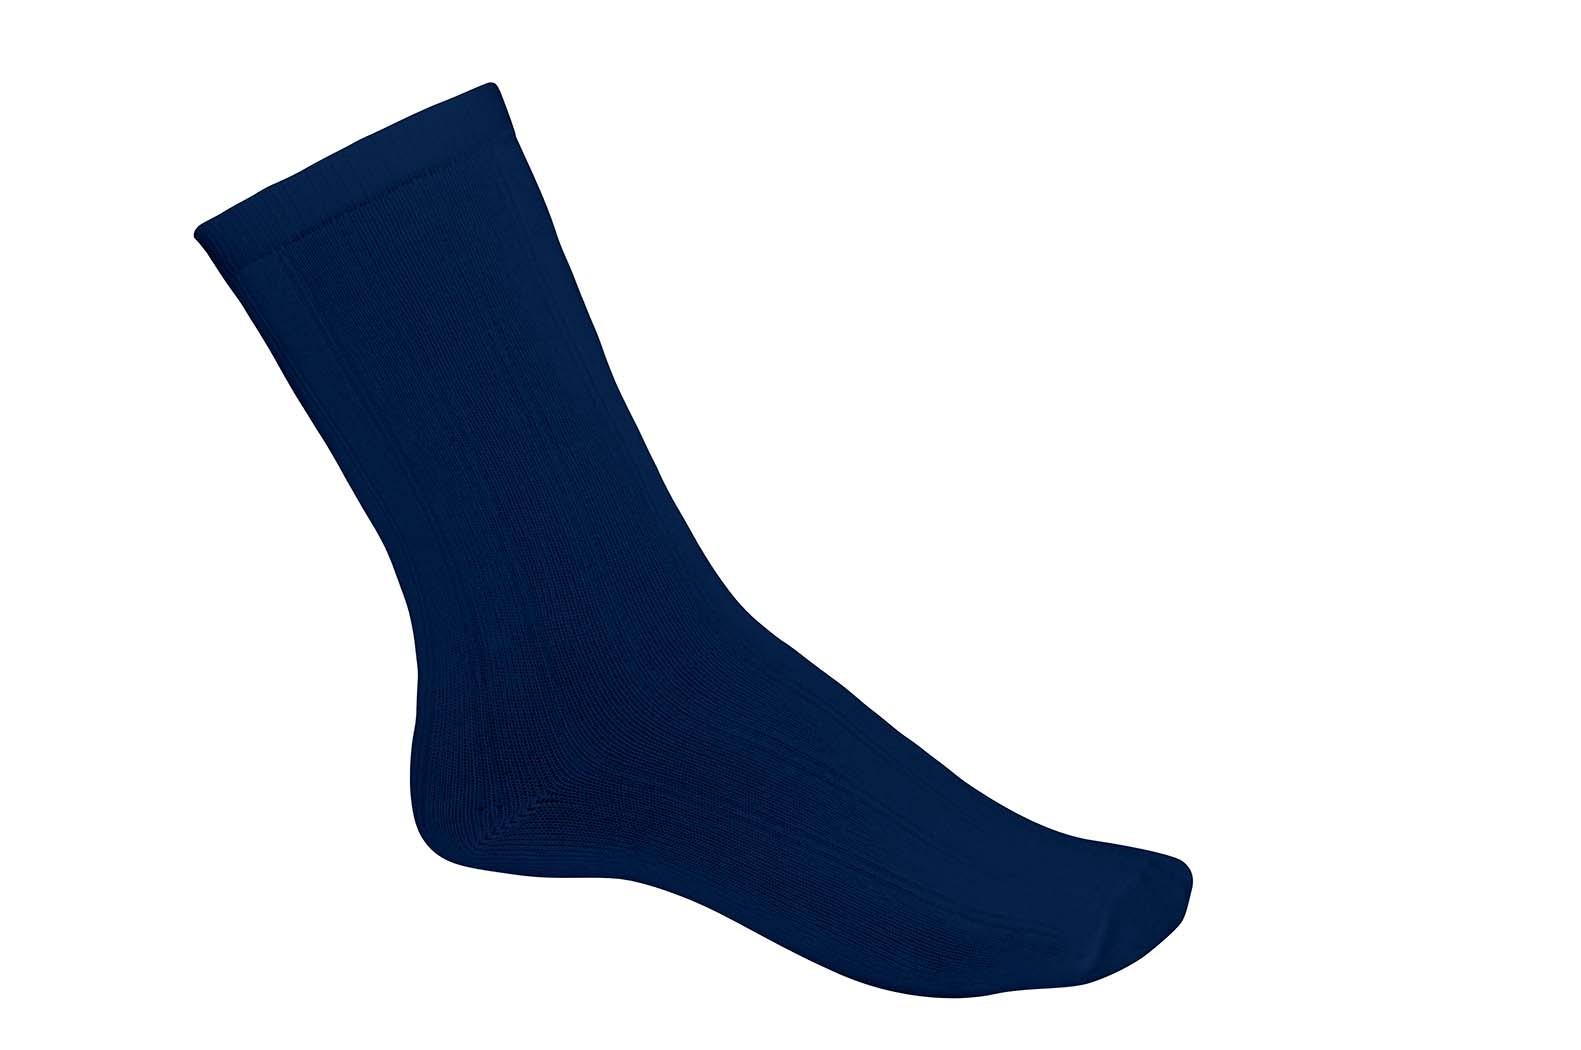 OLPH Boys' Crew Dress Socks